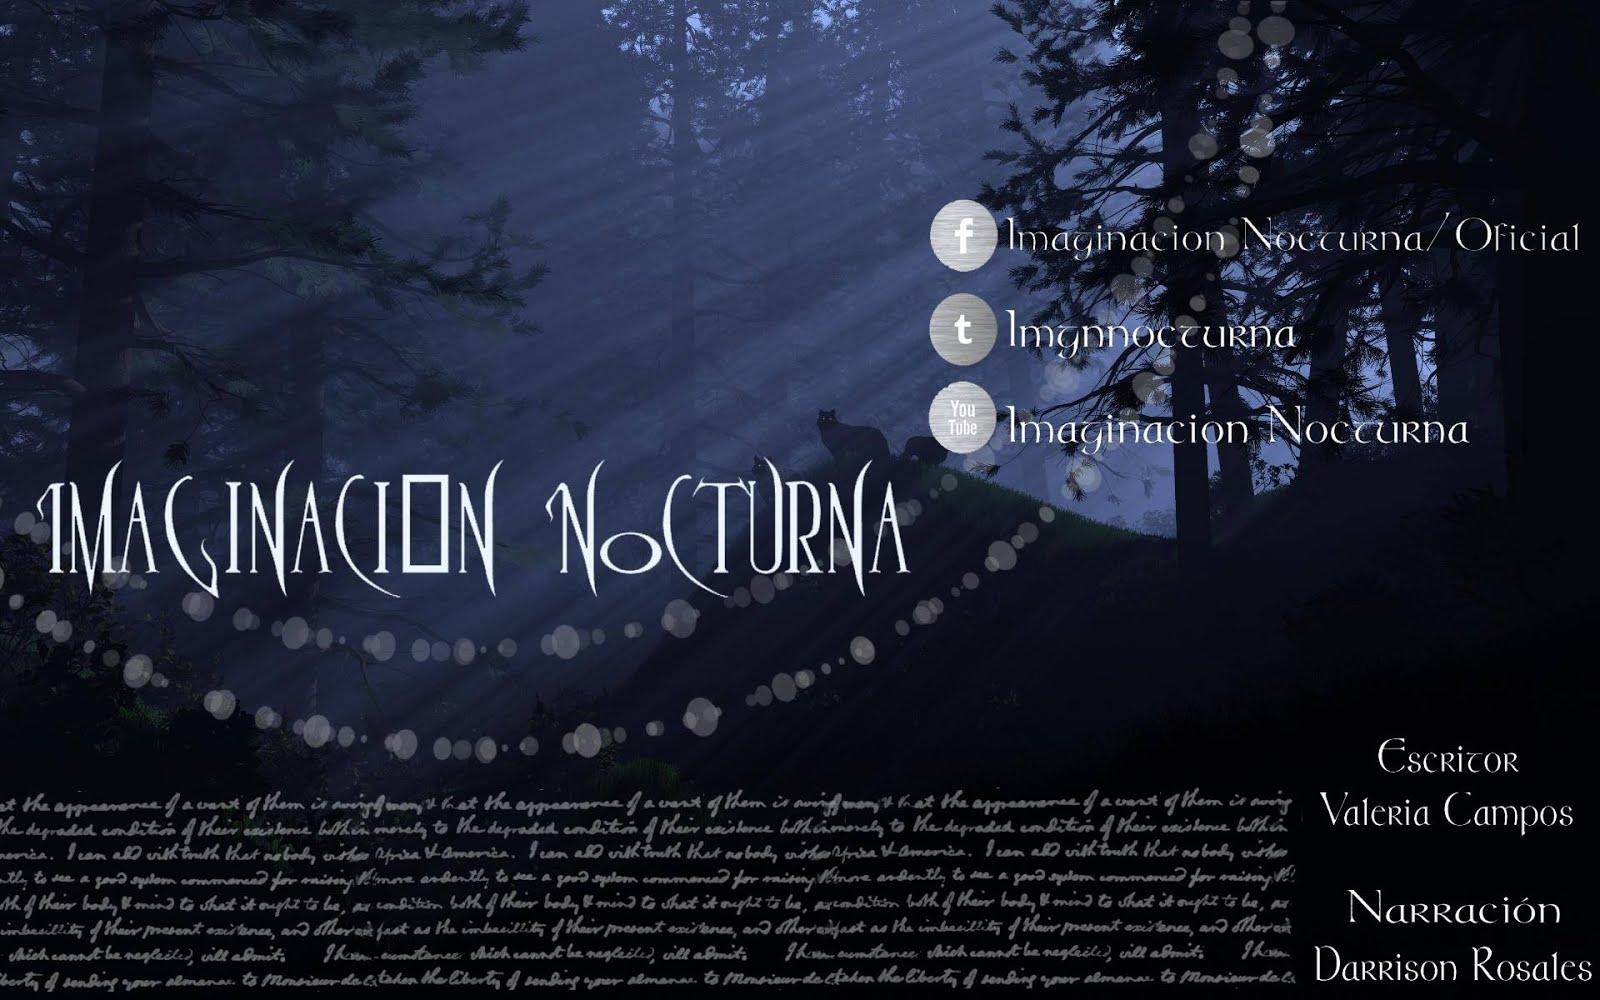 Imaginación Nocturna